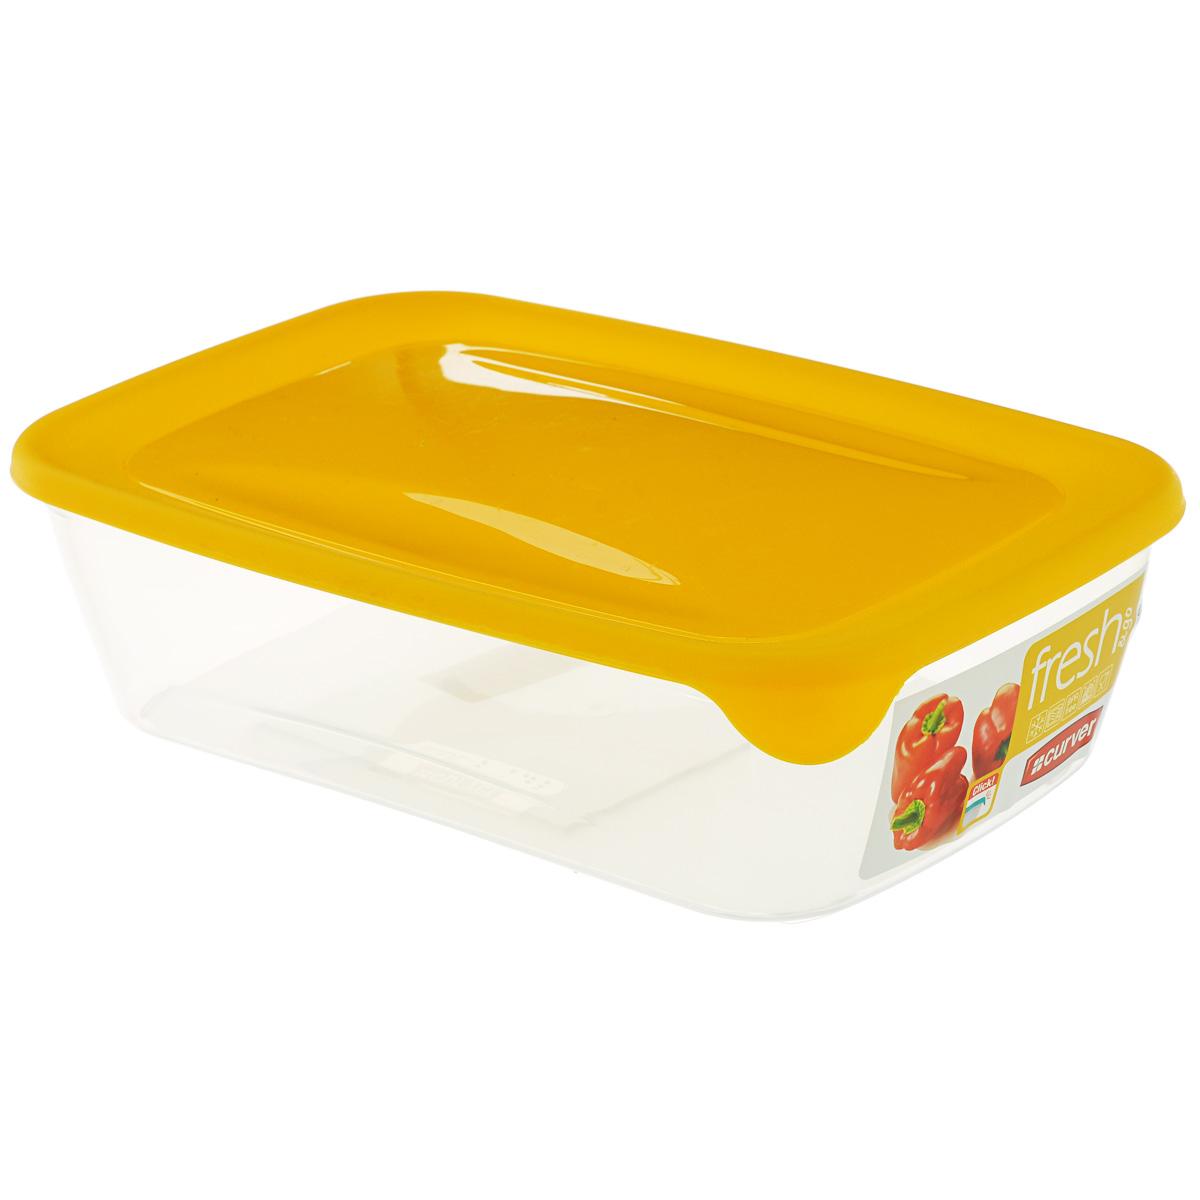 Емкость для заморозки и СВЧ Curver Fresh & Go, цвет: желтый, 2 л00555-007-01Прямоугольная емкость для заморозки и СВЧ Curver Fresh & Go изготовлена из высококачественного пищевого пластика (BPA free), который выдерживает температуру от -40°С до +100°С. Стенки емкости прозрачные, а крышка цветная. Она плотно закрывается, дольше сохраняя продукты свежими и вкусными. Емкость удобно брать с собой на работу, учебу, пикник или просто использовать для хранения пищи в холодильнике. Можно использовать в микроволновой печи и для заморозки в морозильной камере. Можно мыть в посудомоечной машине.